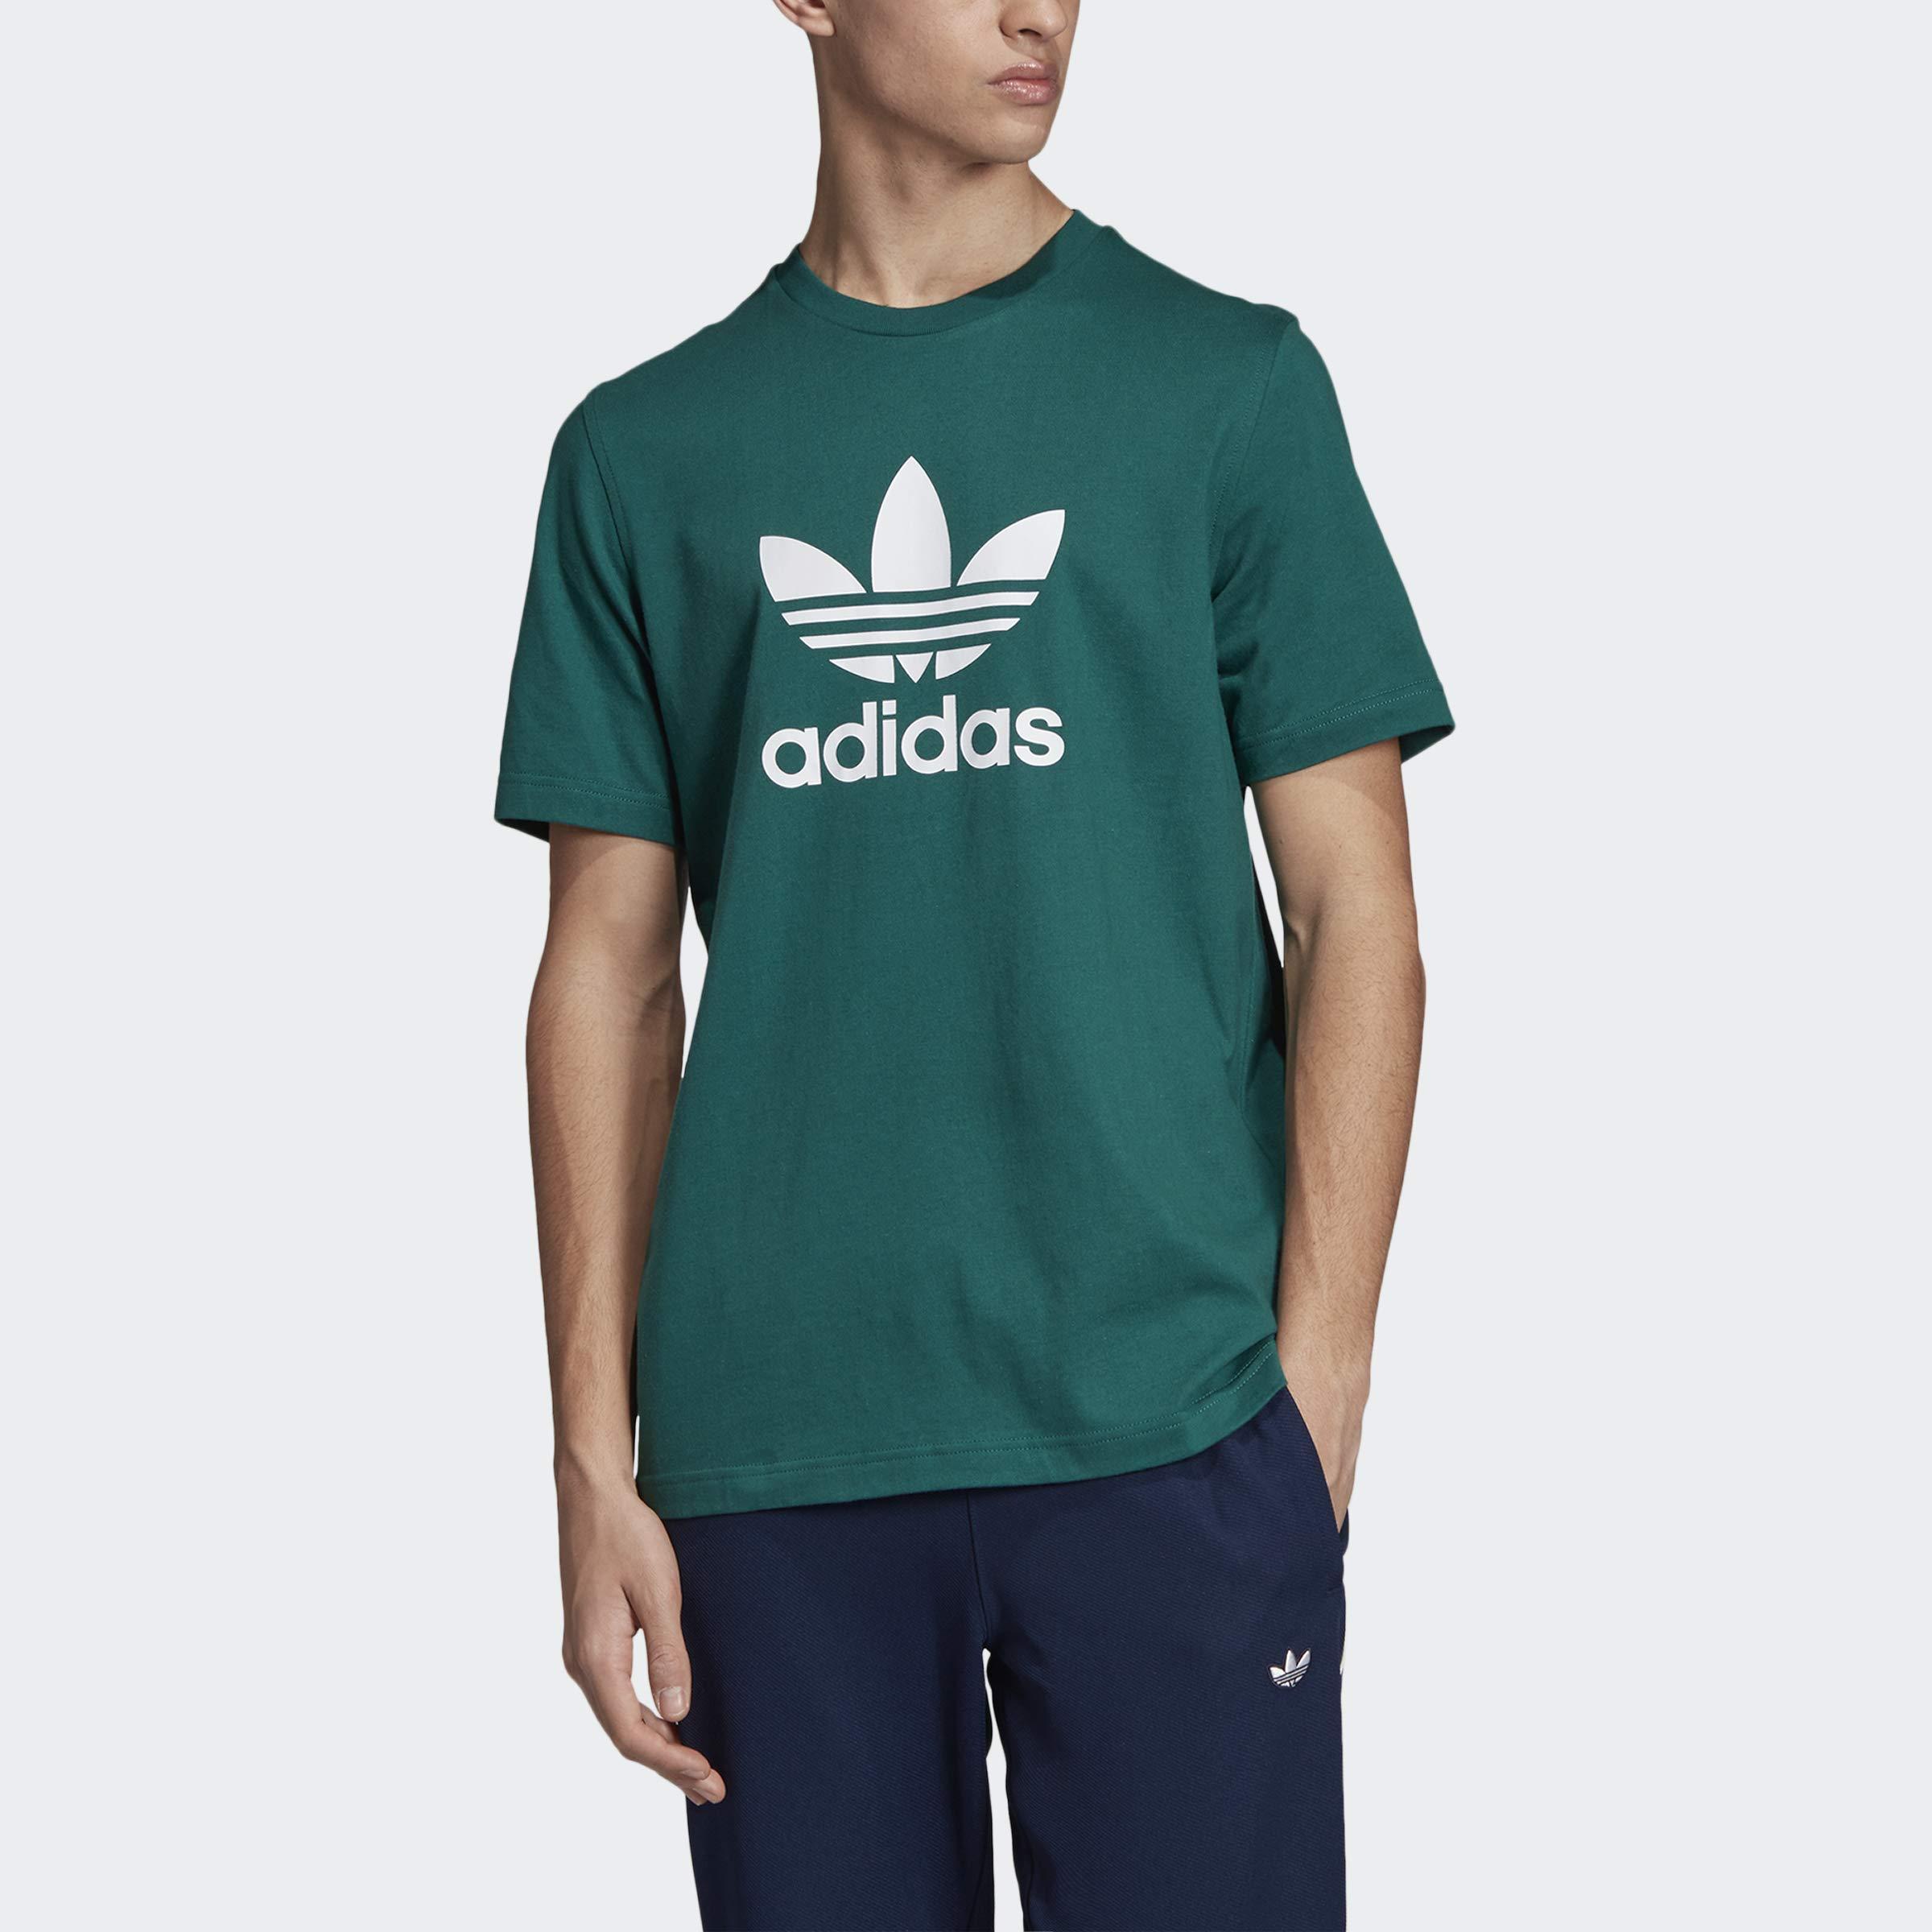 adidas Originals Men's Trefoil Tee